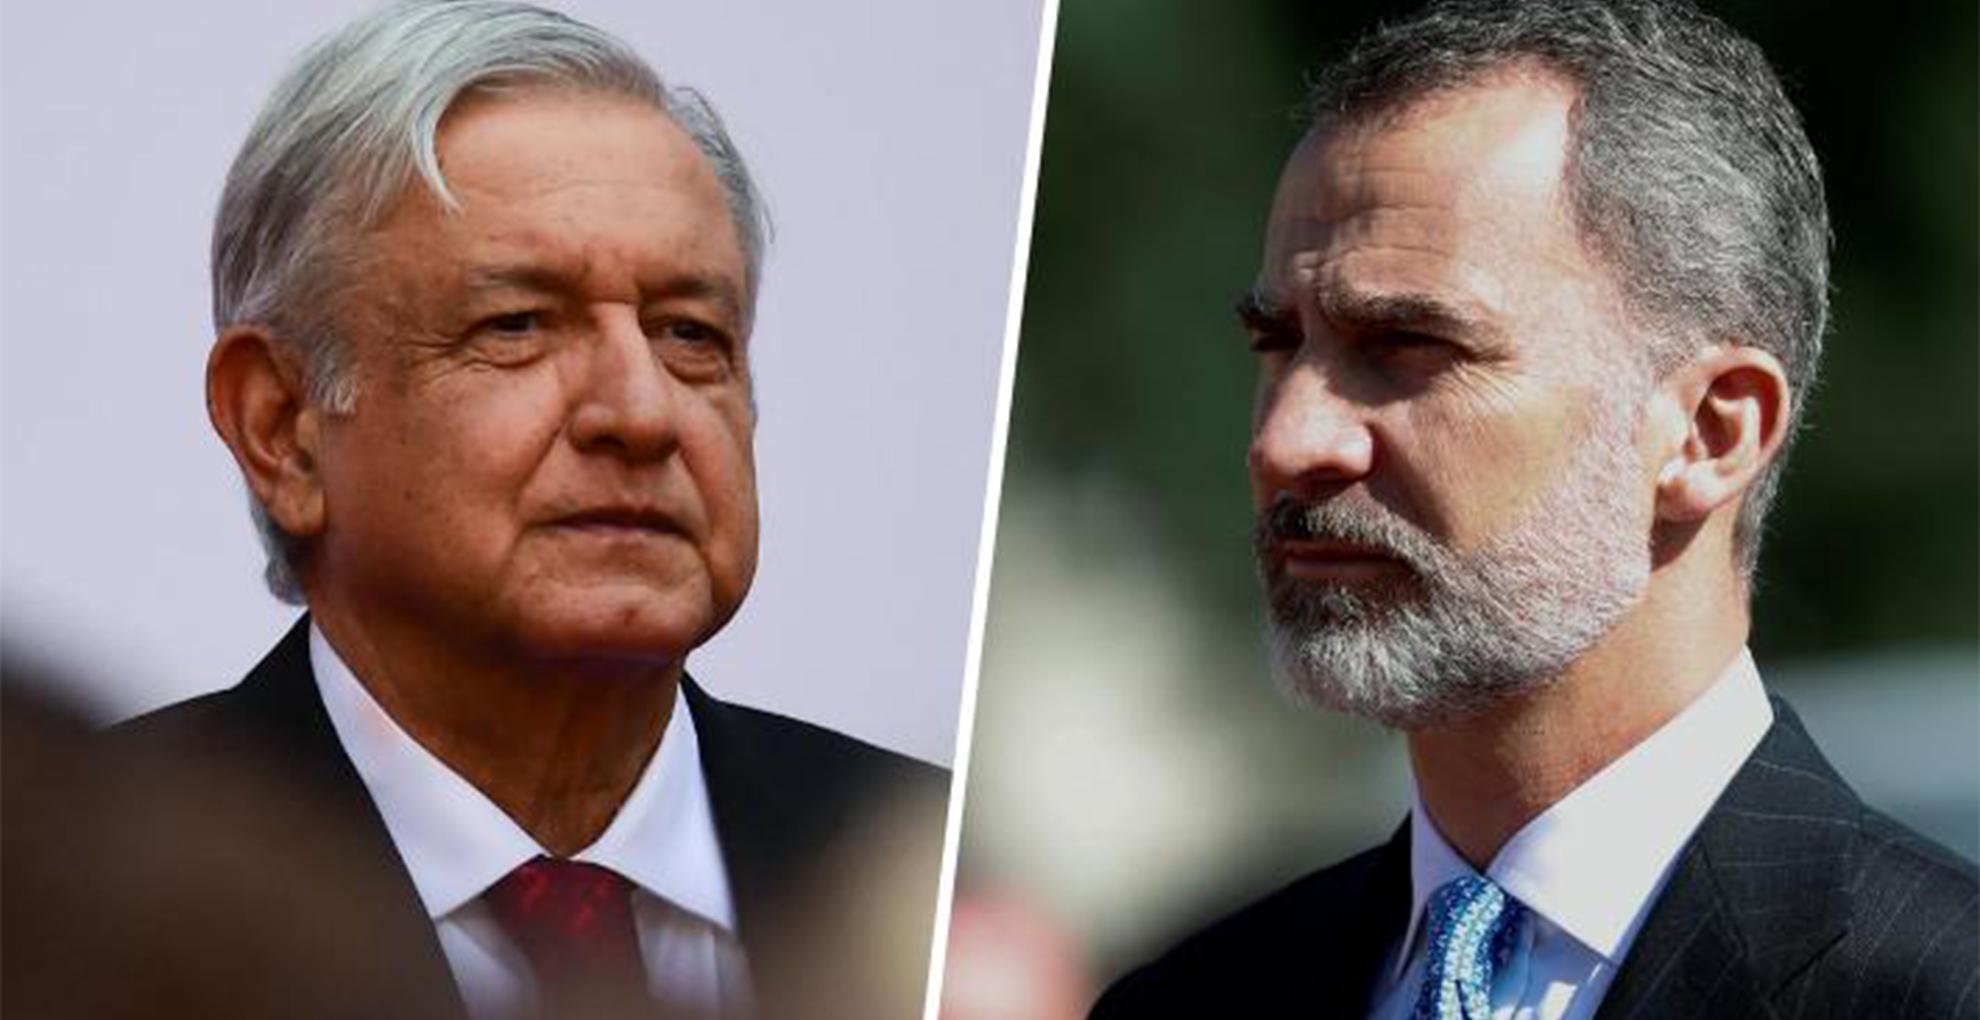 AMLO hara publicas cartas de rey de Espana y de Calderon